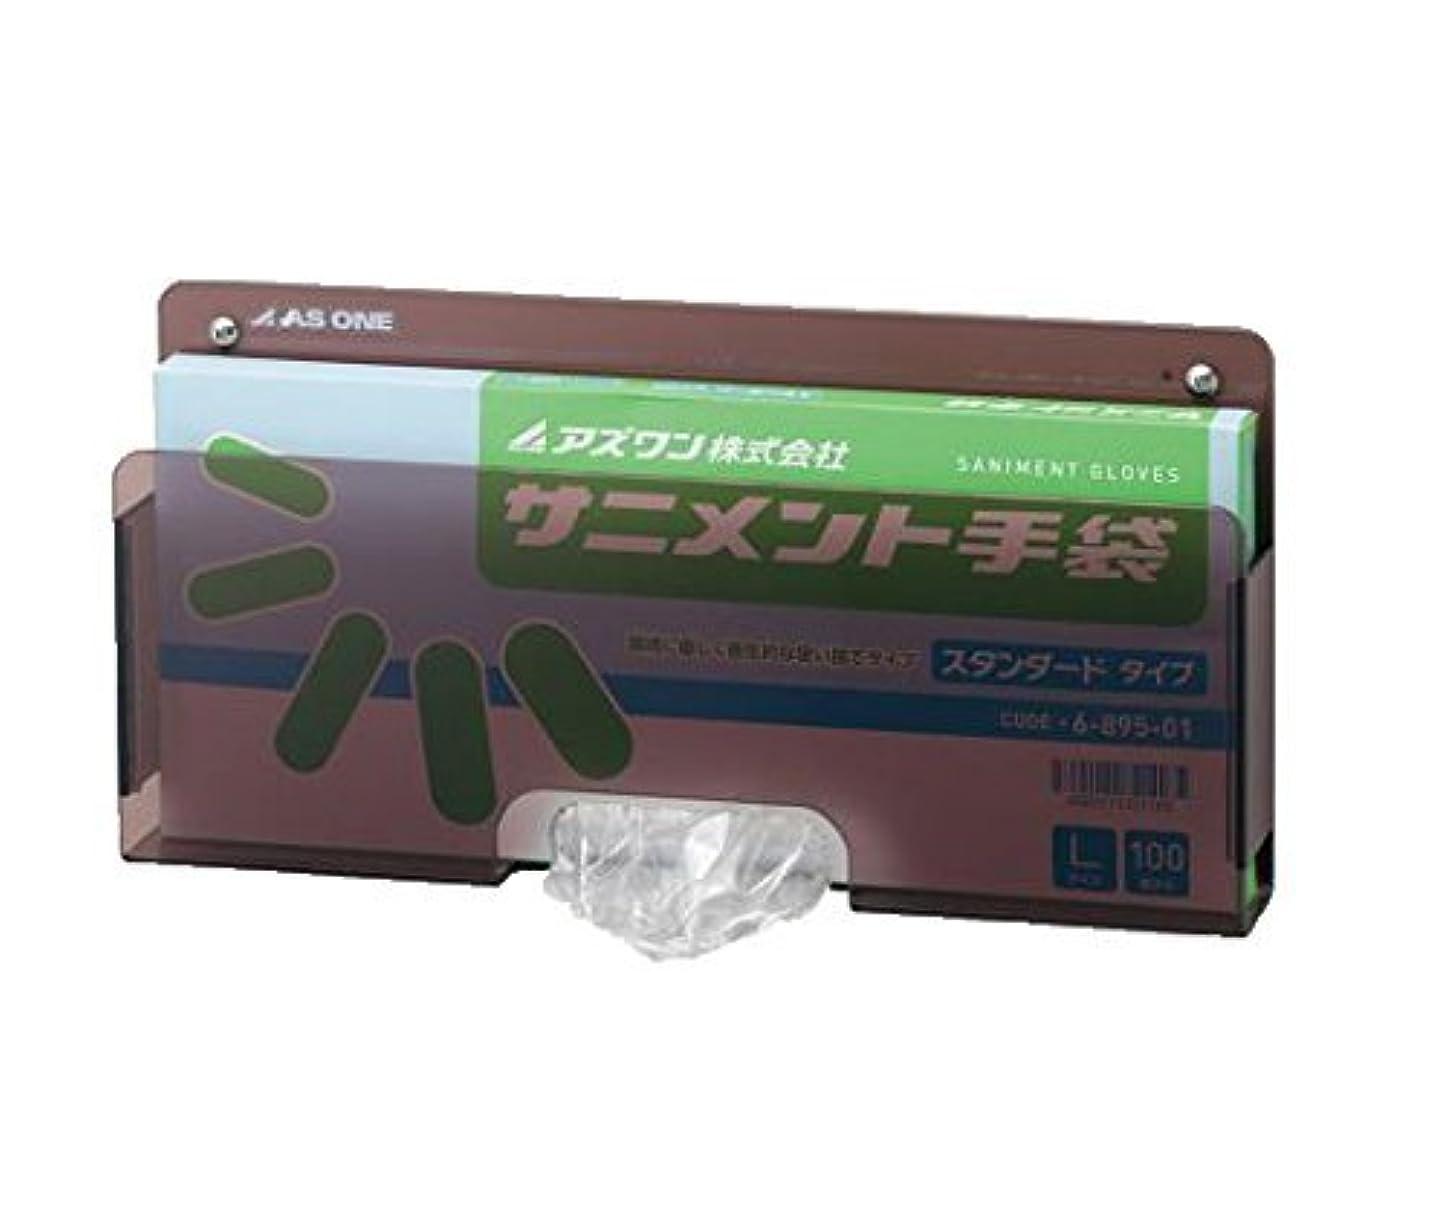 リビジョン精神垂直アズワン8-5369-01サニメント手袋用ケーススタンダード用